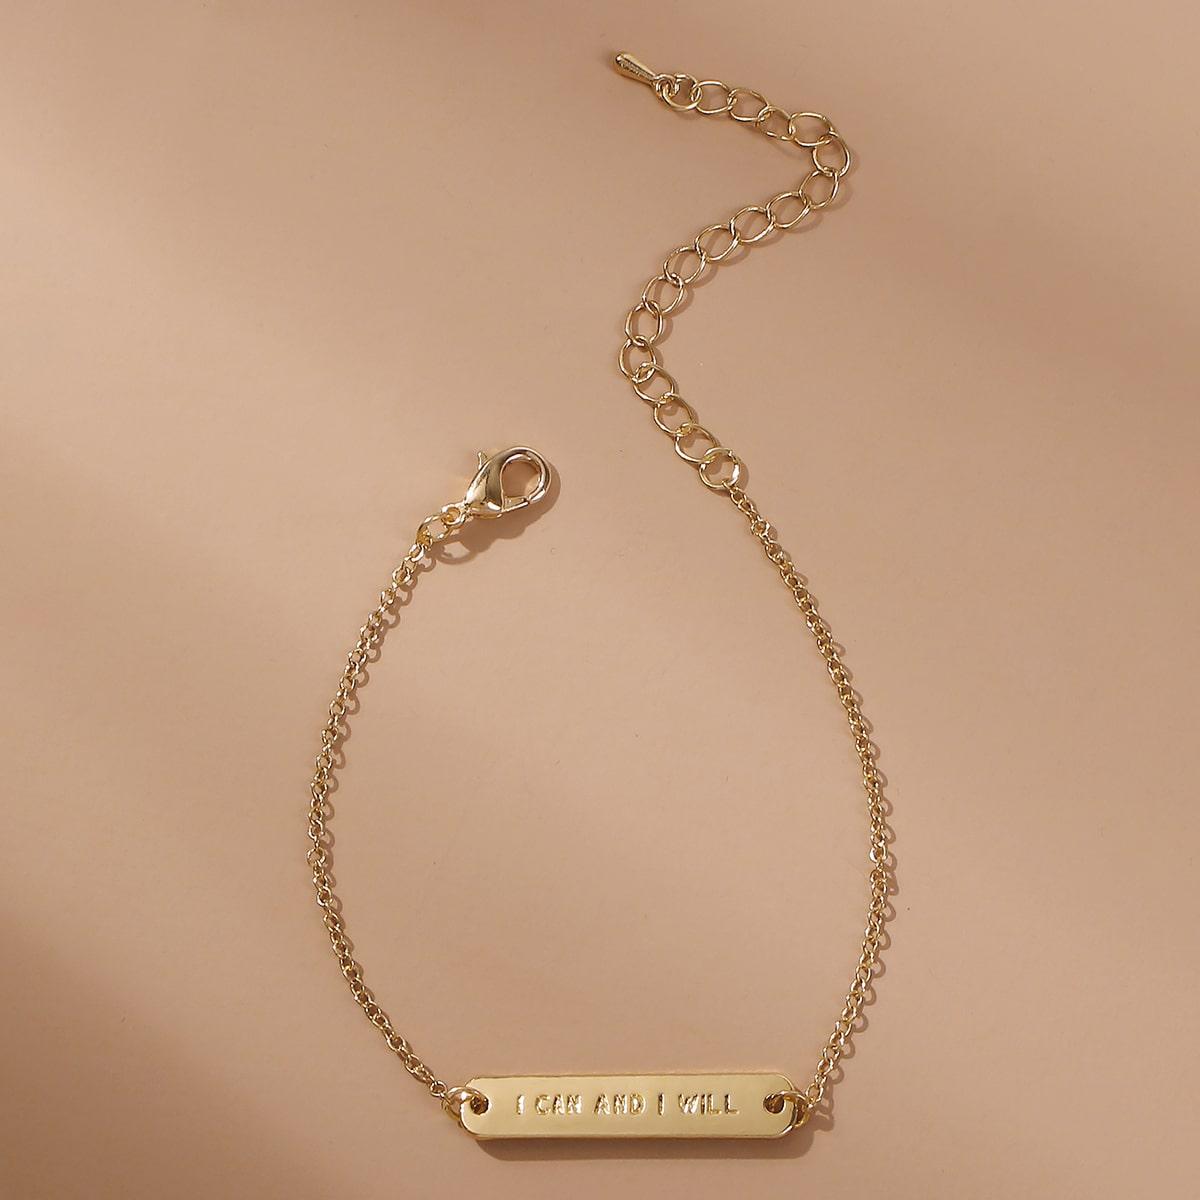 Armband mit Buchstaben Prägung